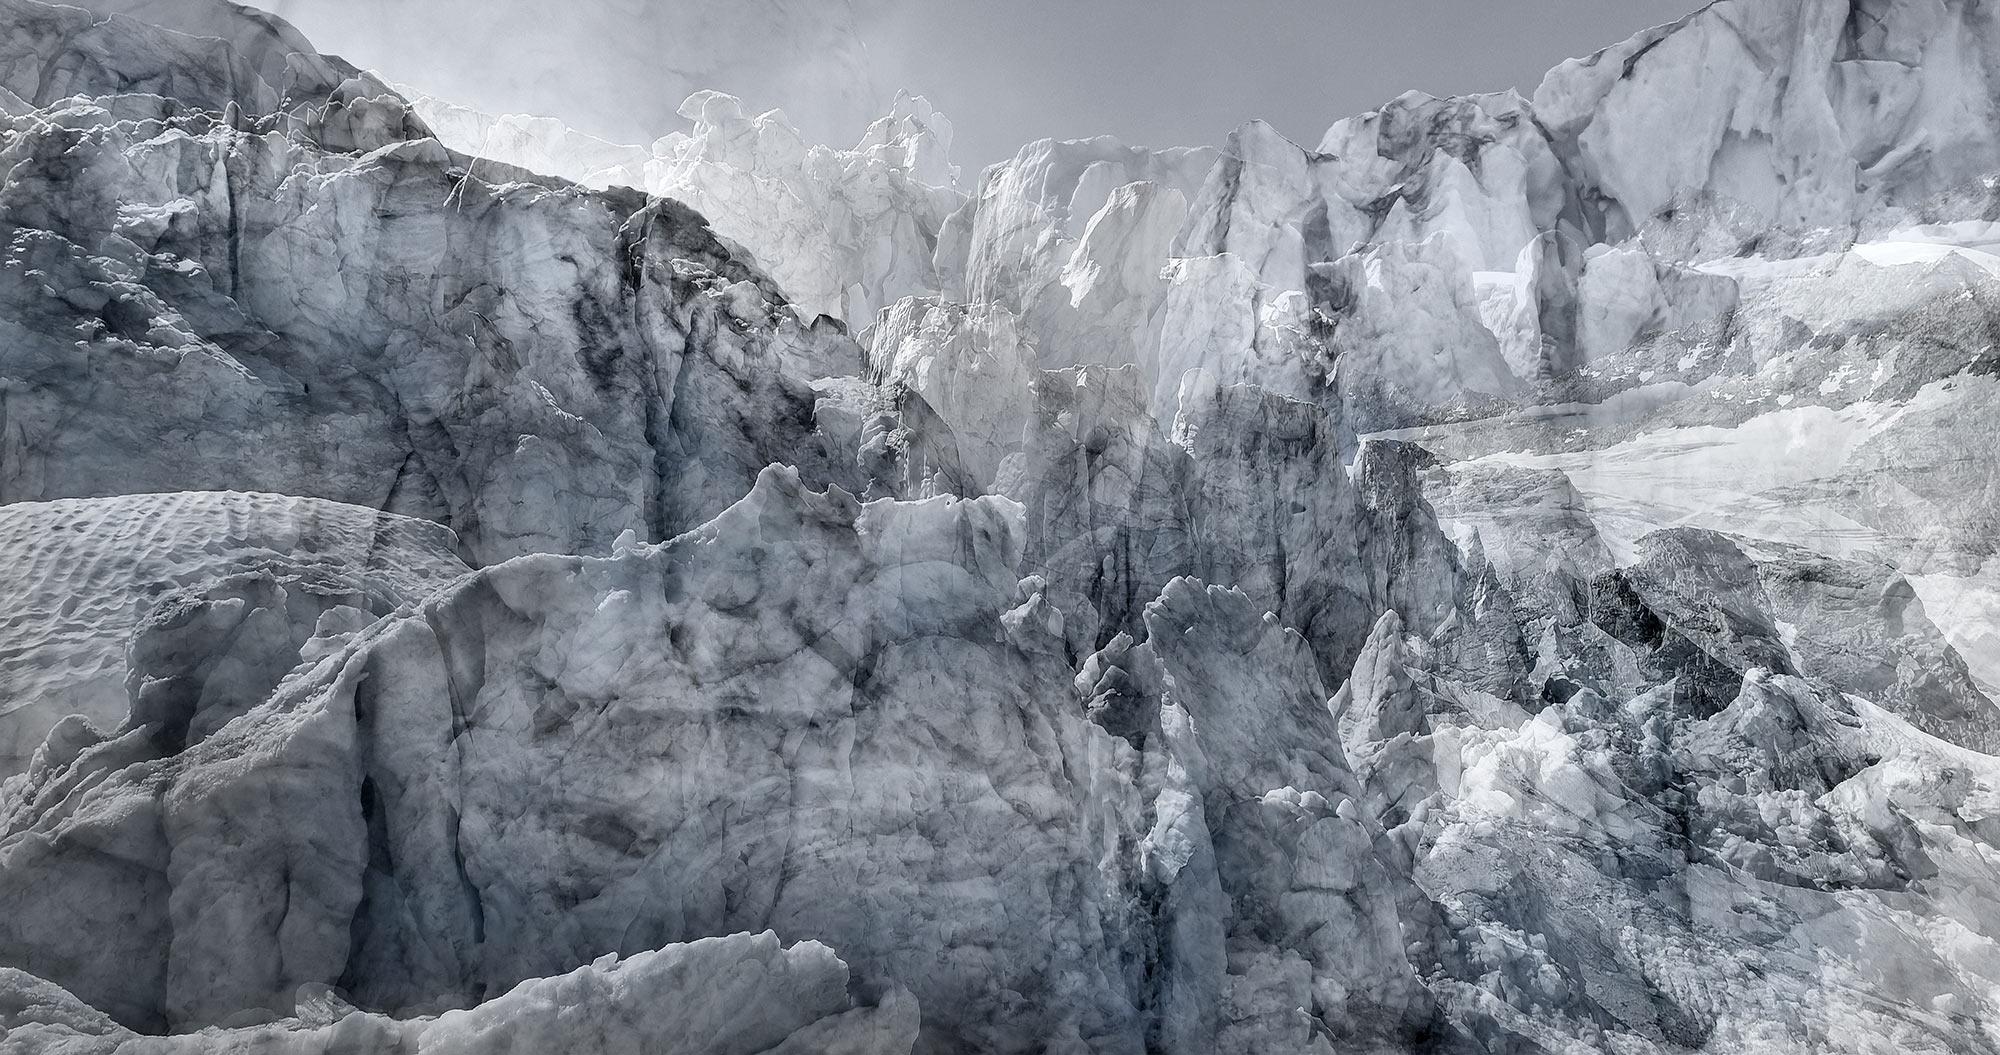 #170 Glaciers offset, 2019, photographie reconstruite à partir de bandes videos, réalisées sur le glacier de Moiry